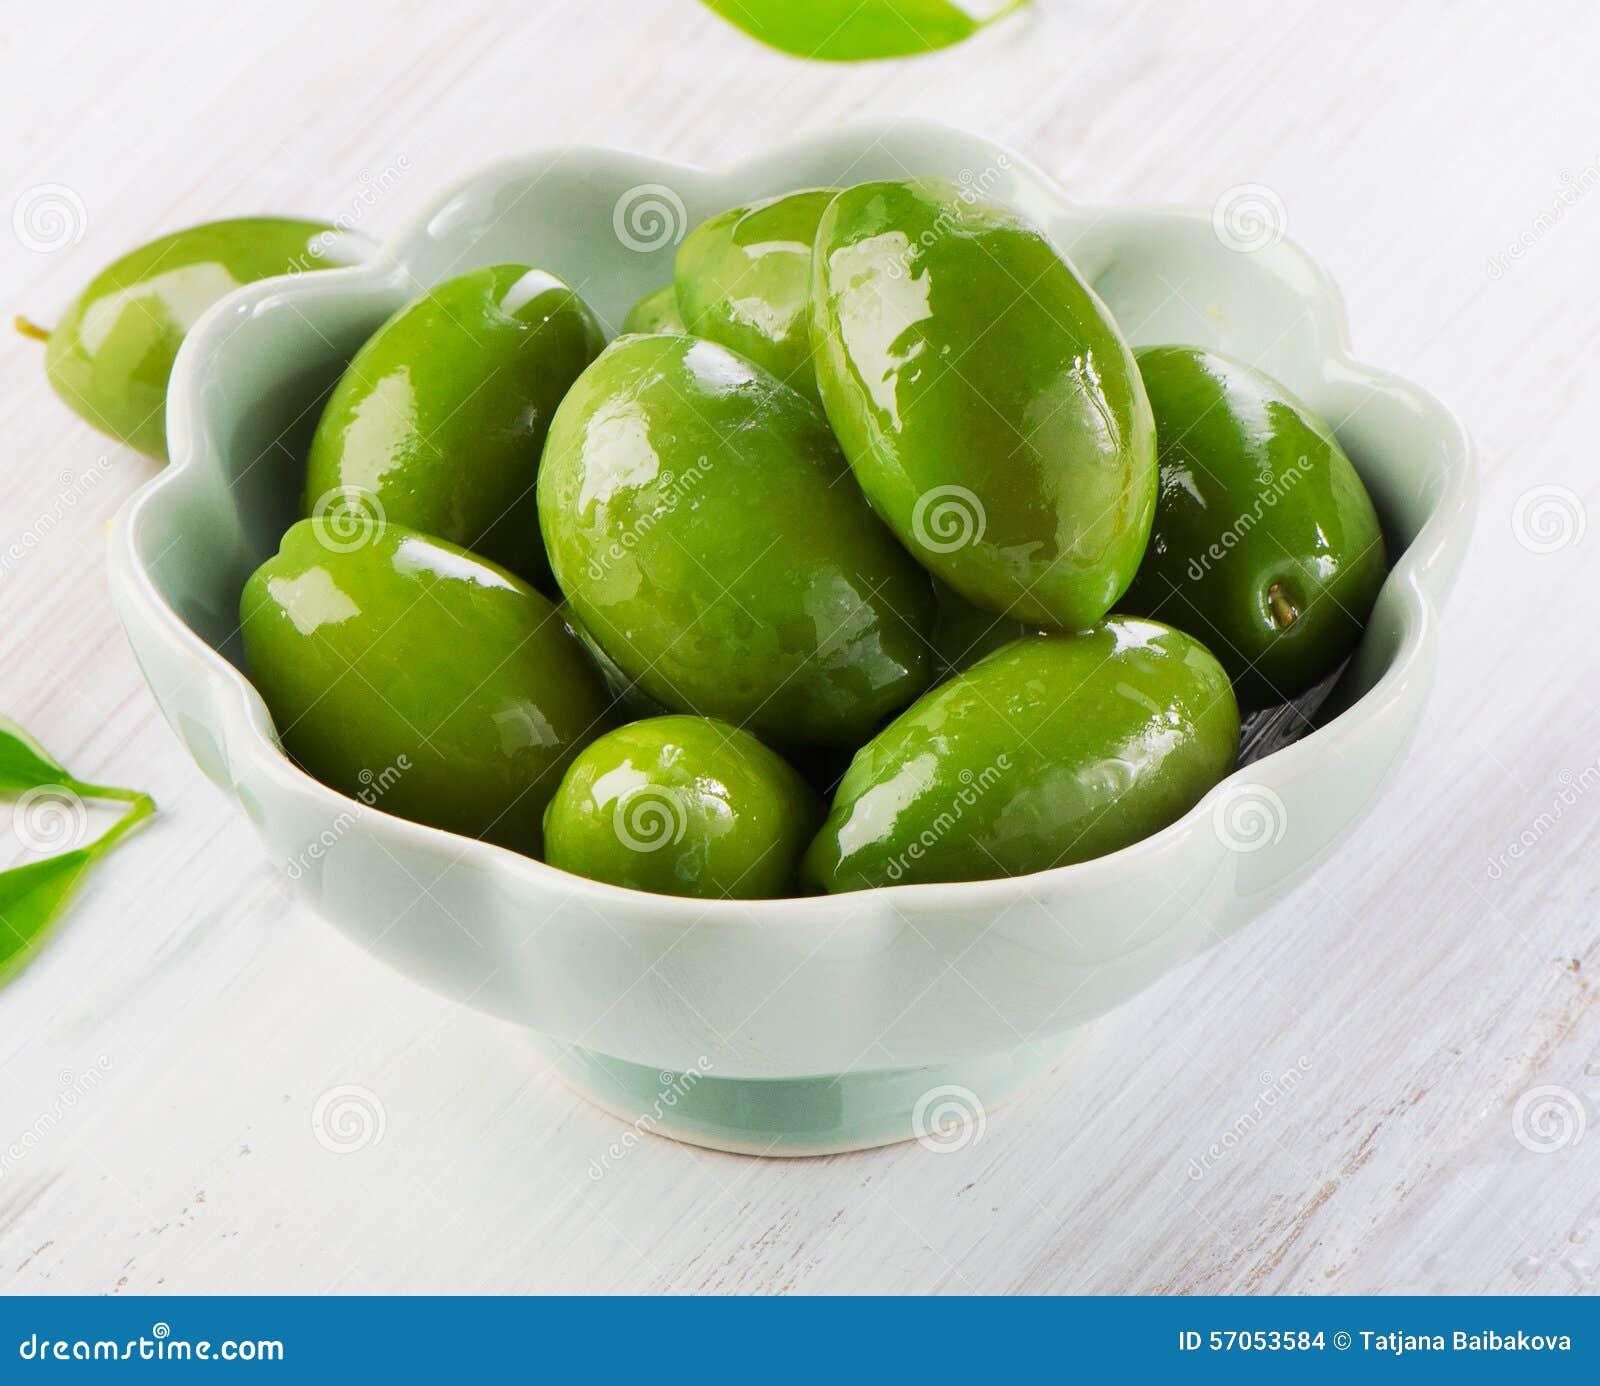 Groene olijven in witte kom